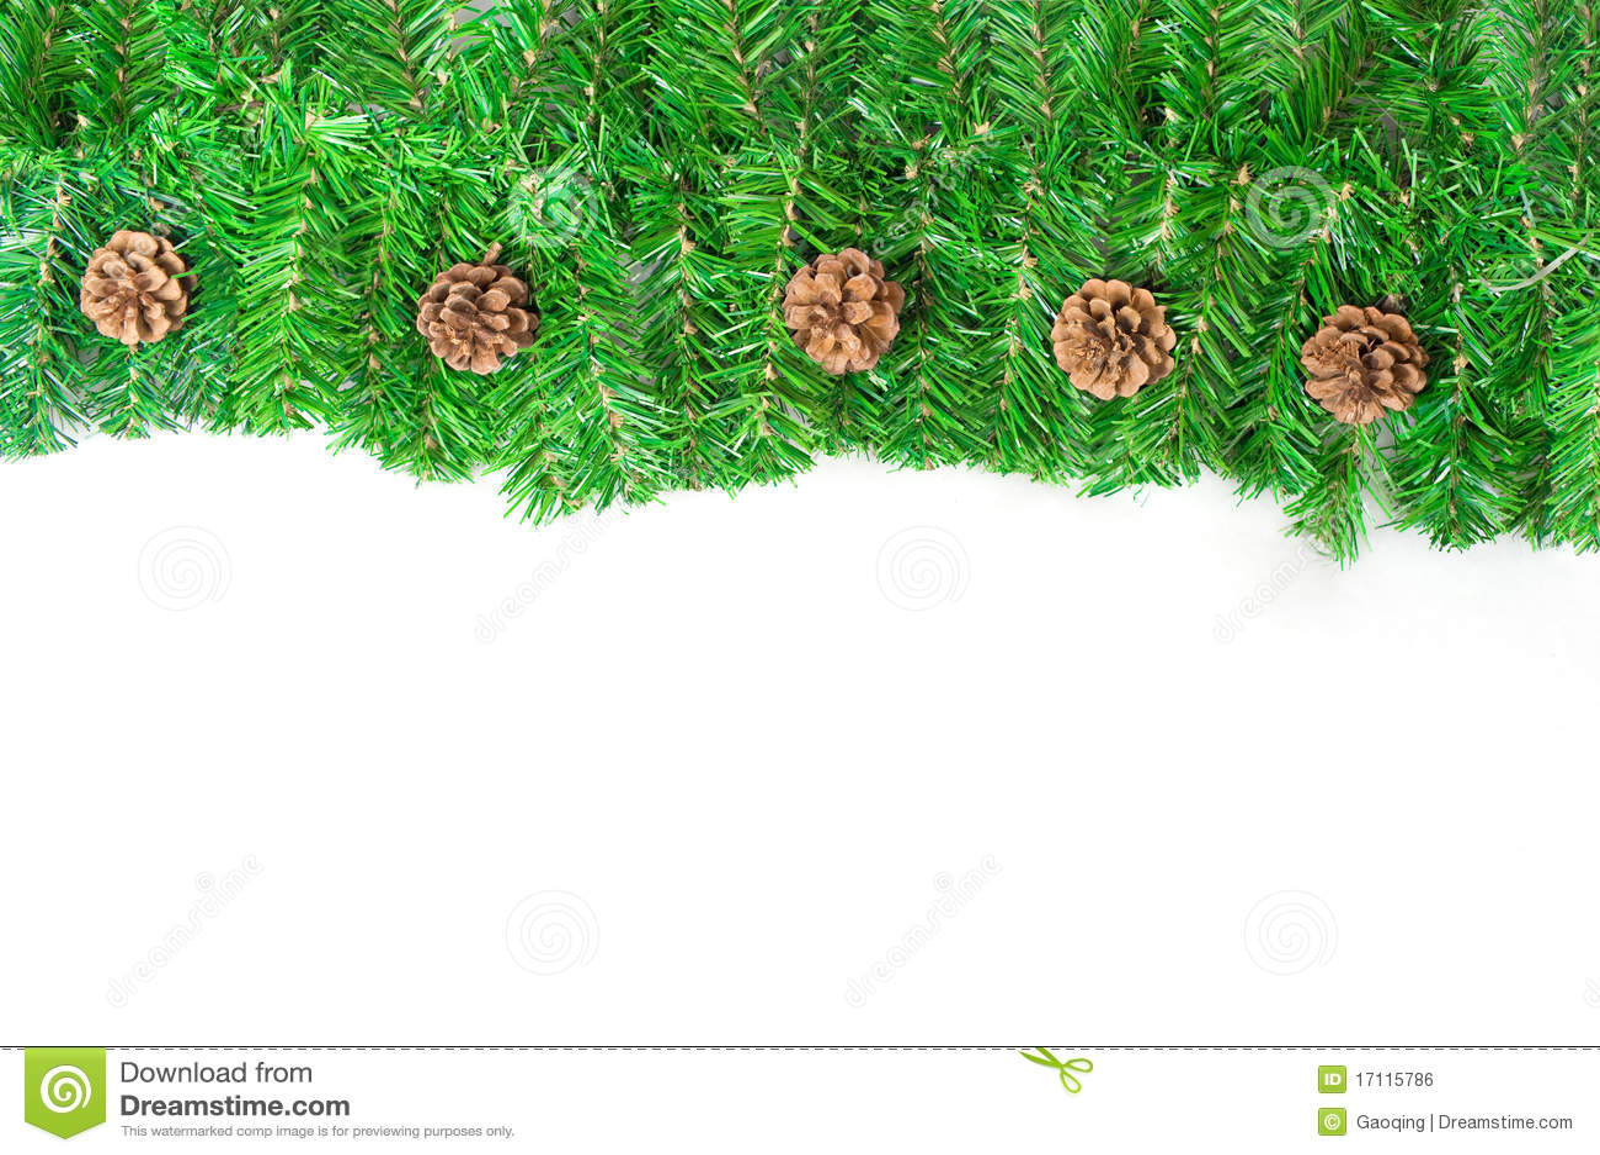 Weihnachtsgrüner Rahmen mit Kiefernadeln